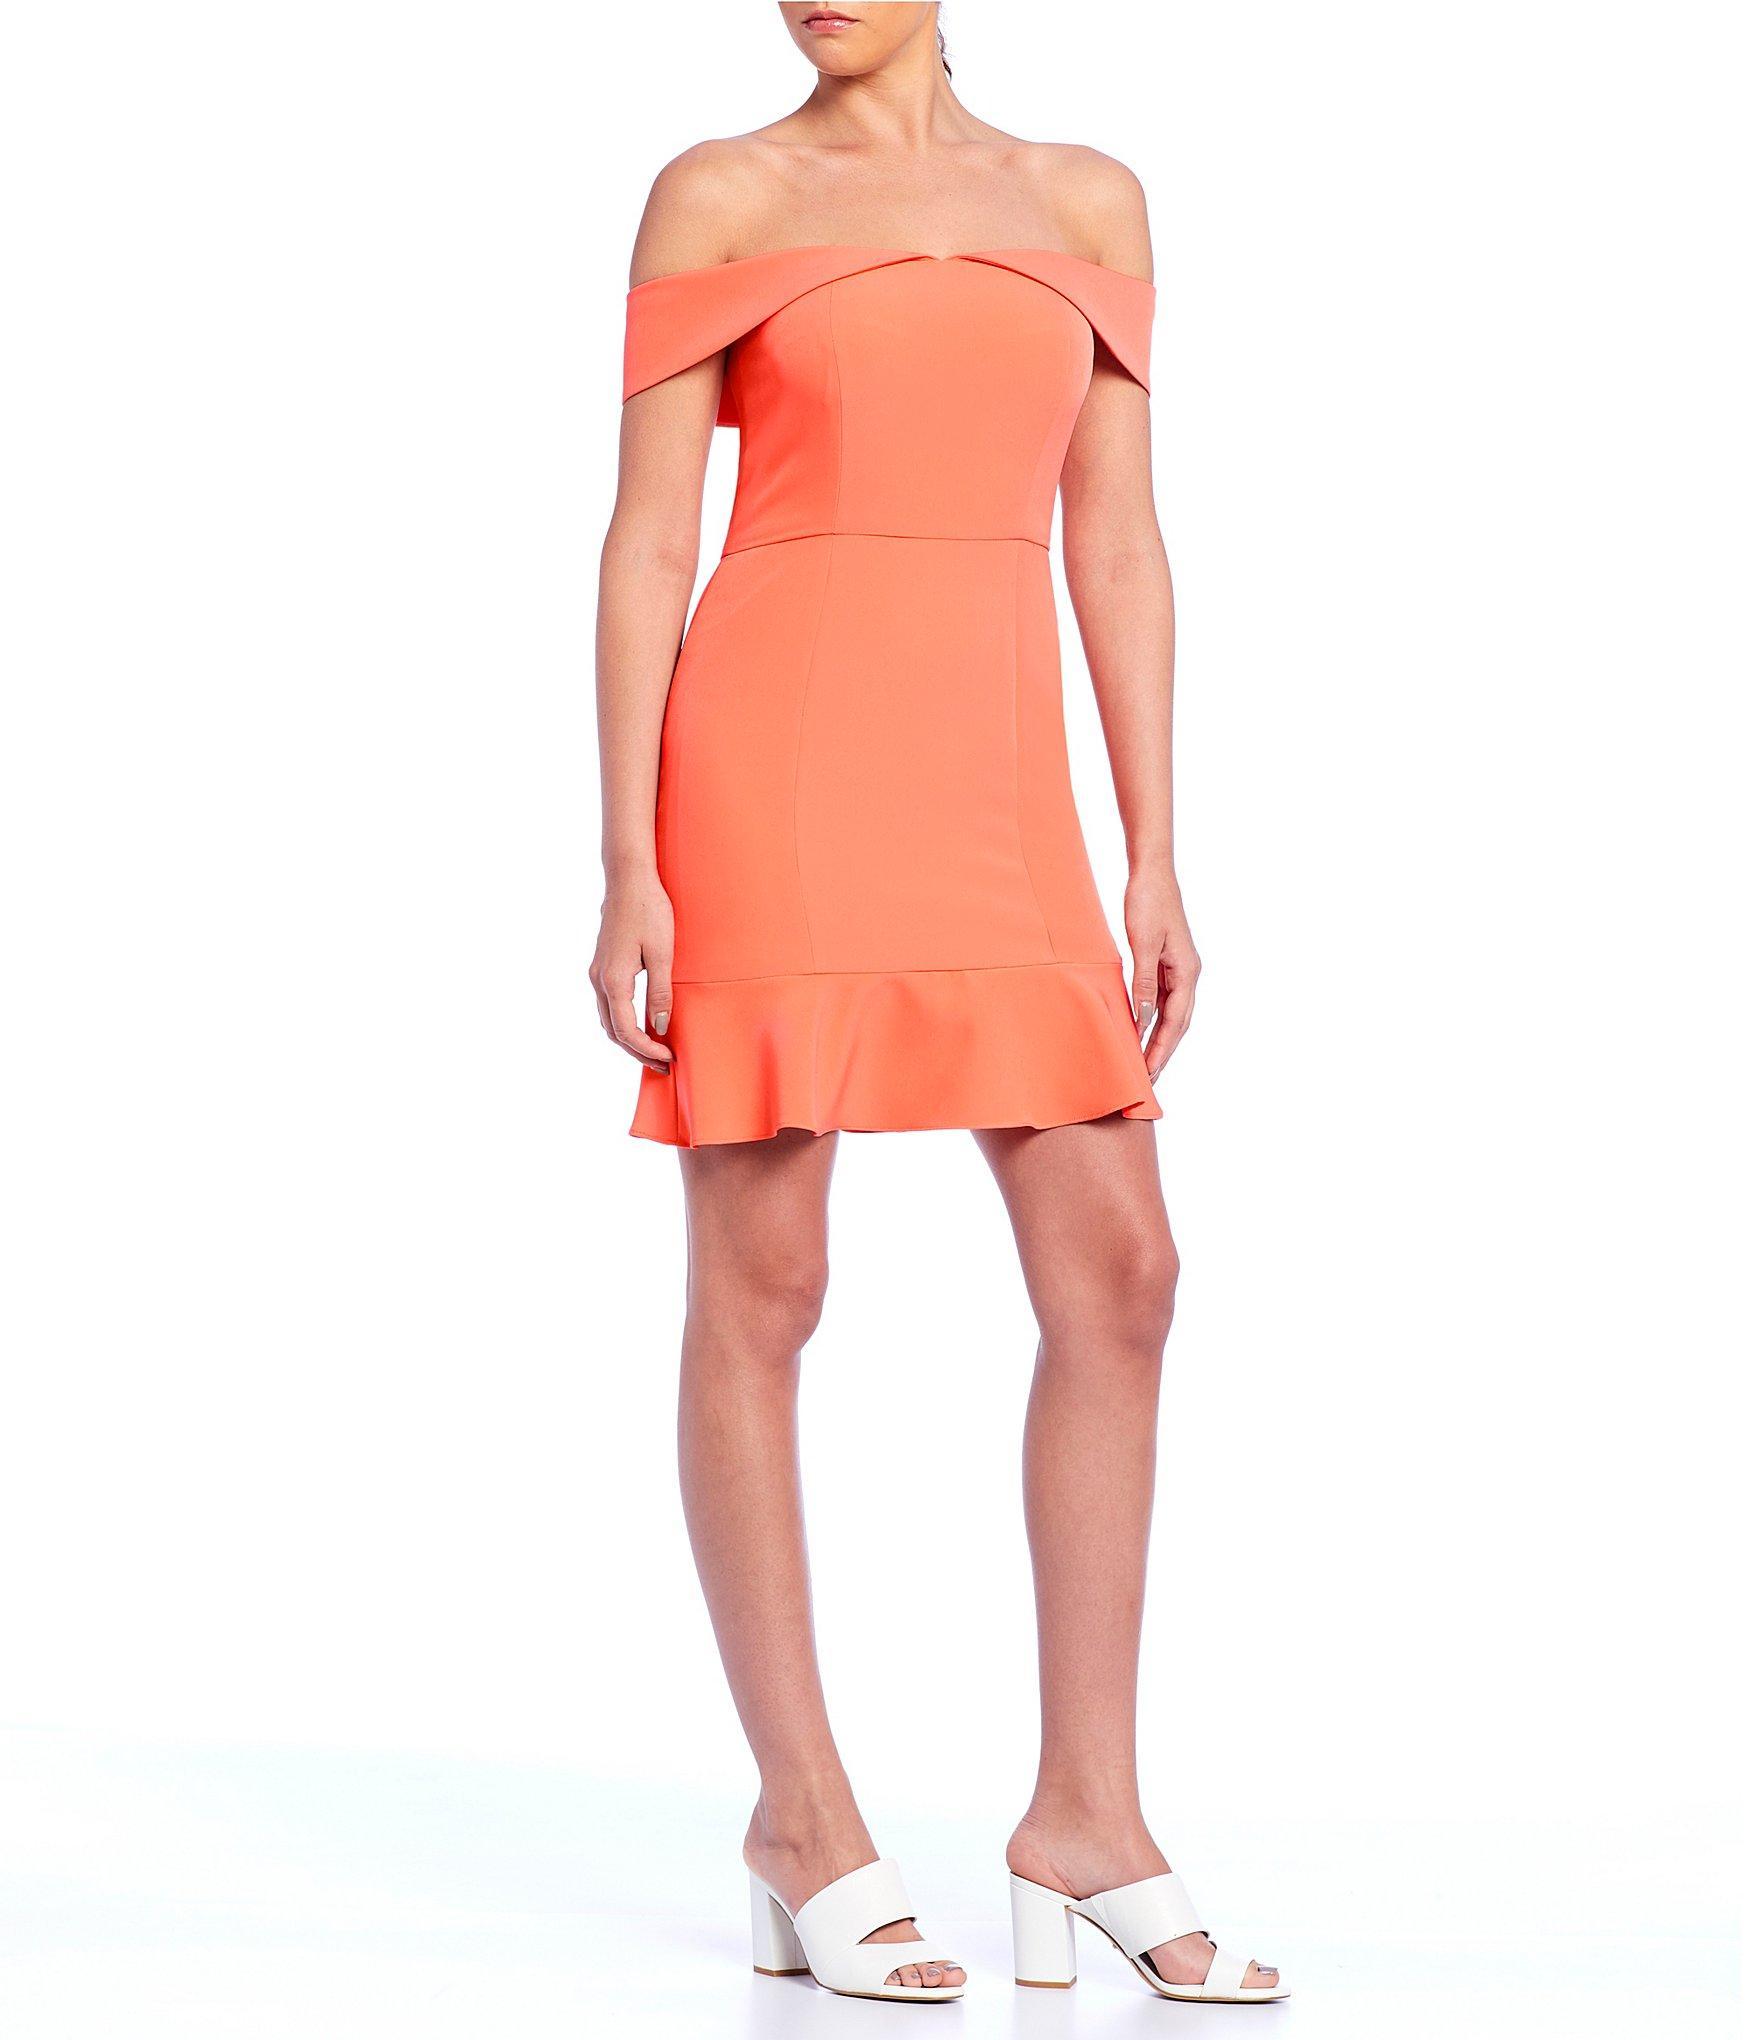 d2c89668db Gianni Bini. Women s Suze Off-the-shoulder Ruffle Dress